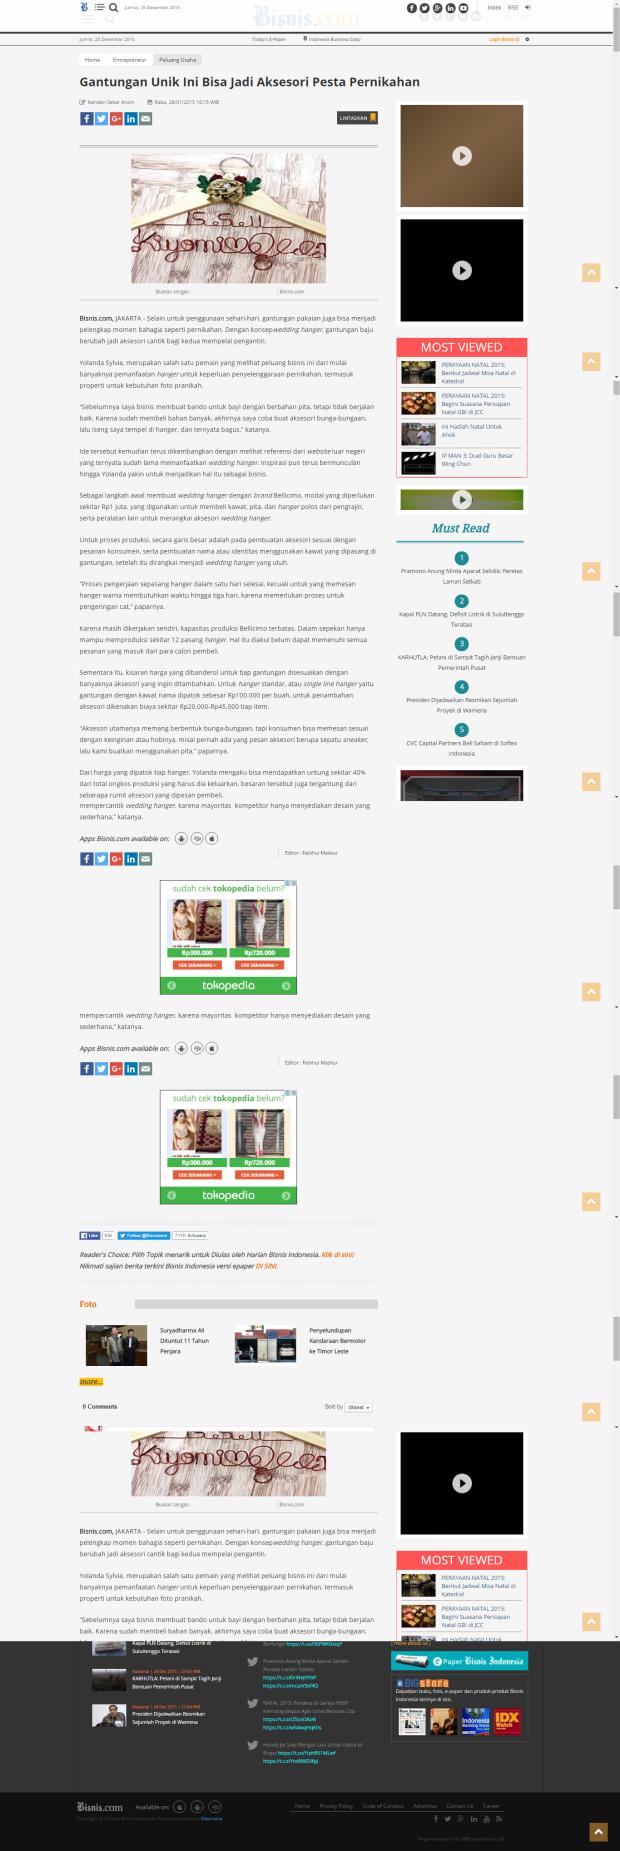 screencapture-entrepreneur-bisnis-com-read-20150128-263-396133-gantungan-unik-ini-bisa-jadi-aksesori-pesta-pernikahan-1450976953137